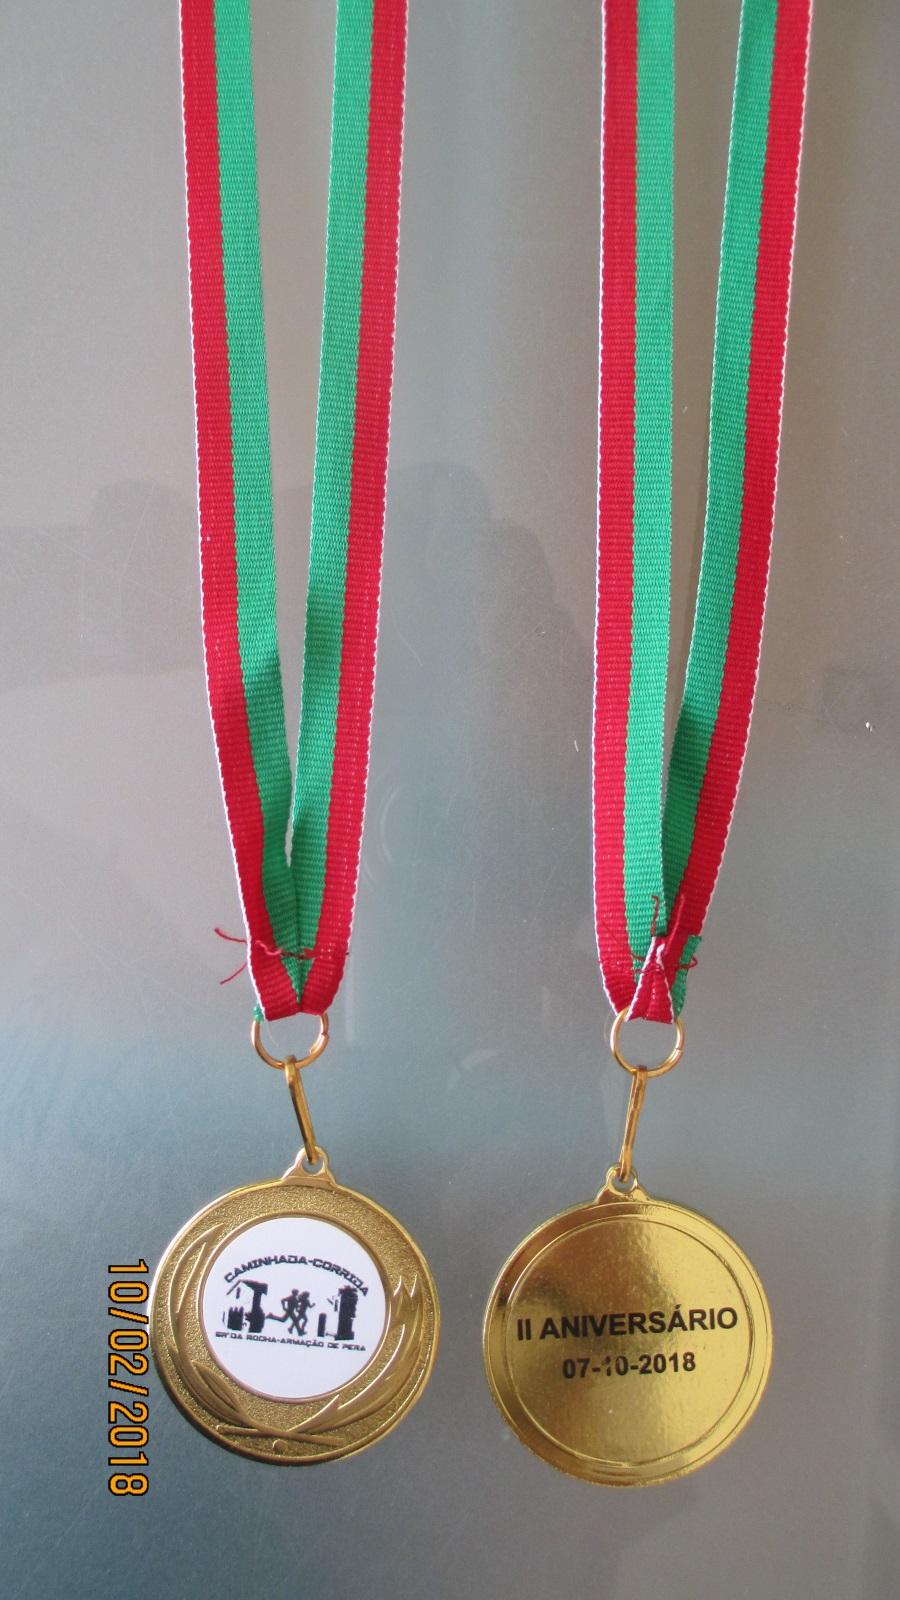 Medalhas 40 mm base metal frente em vinil, verso gravado - Bandeiras do Algarve